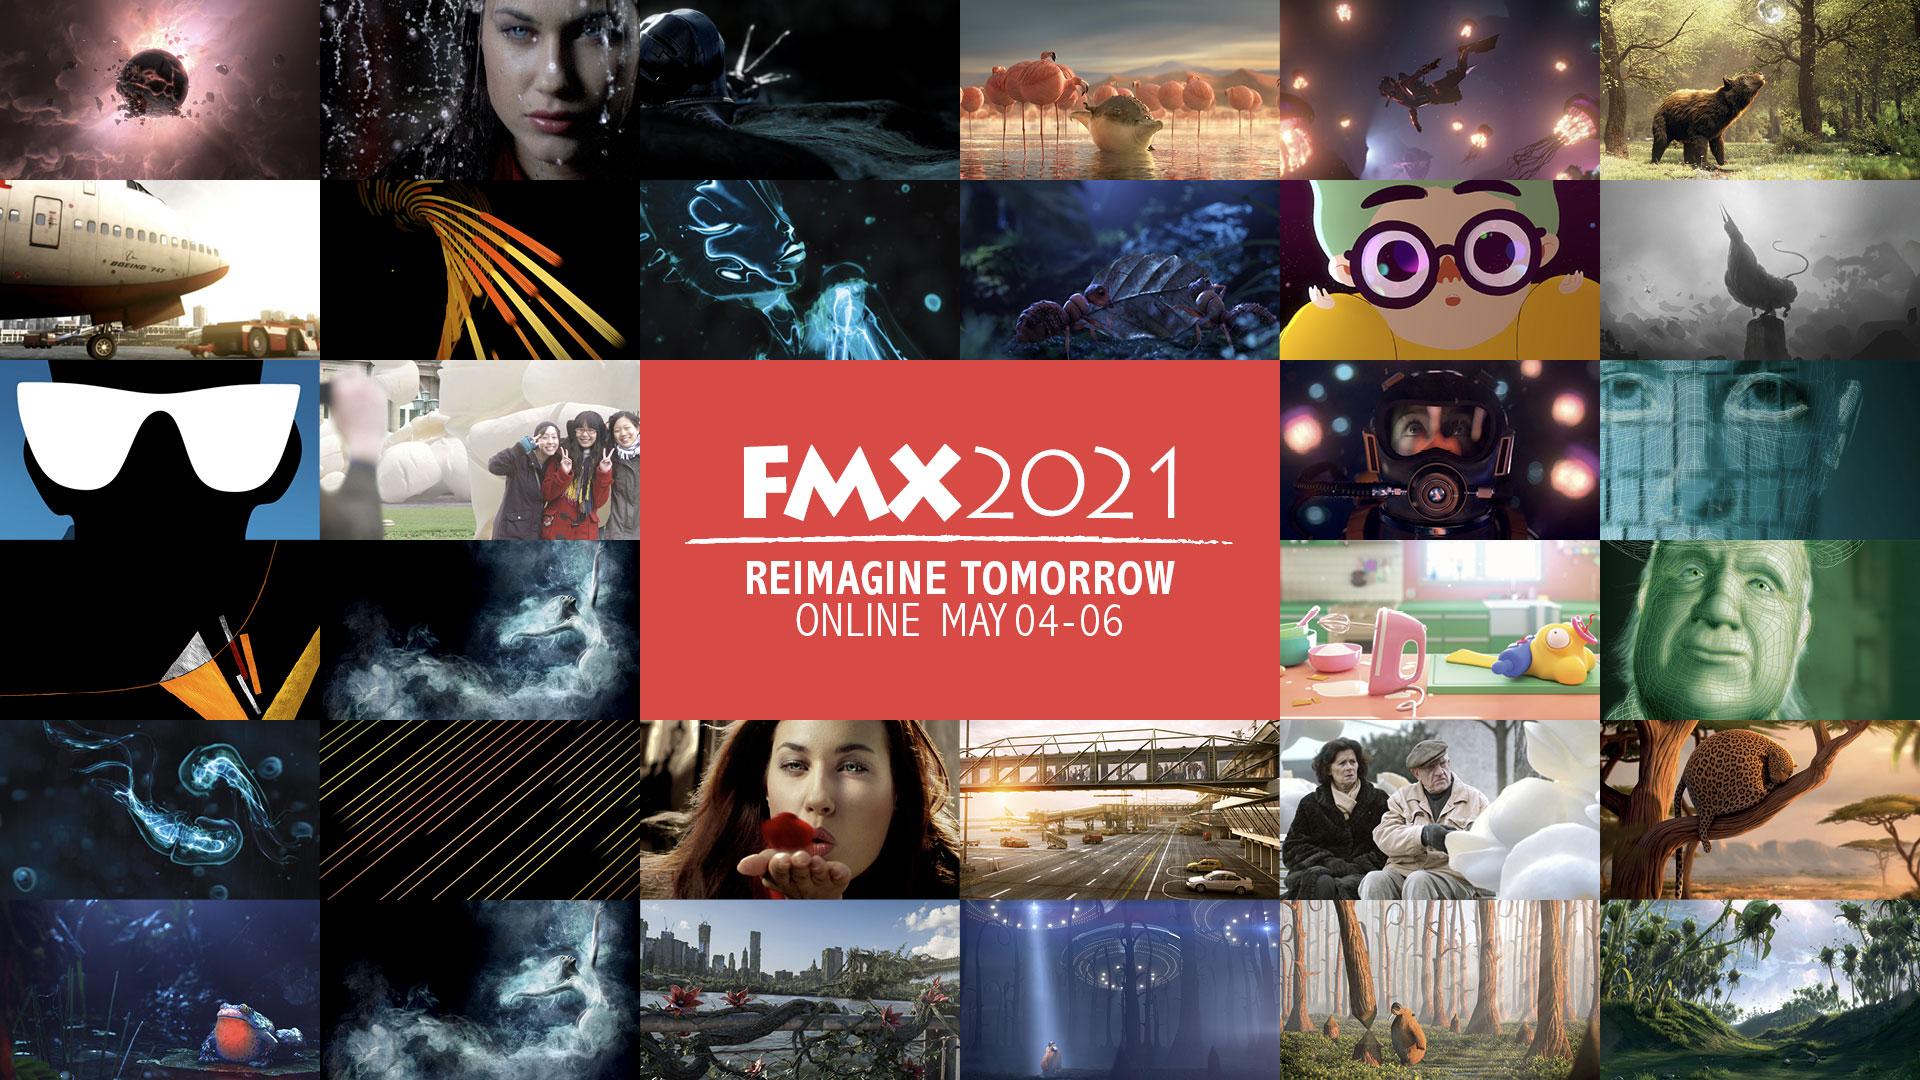 Autodesk explora o futuro do VFX e animação no FMX 2021